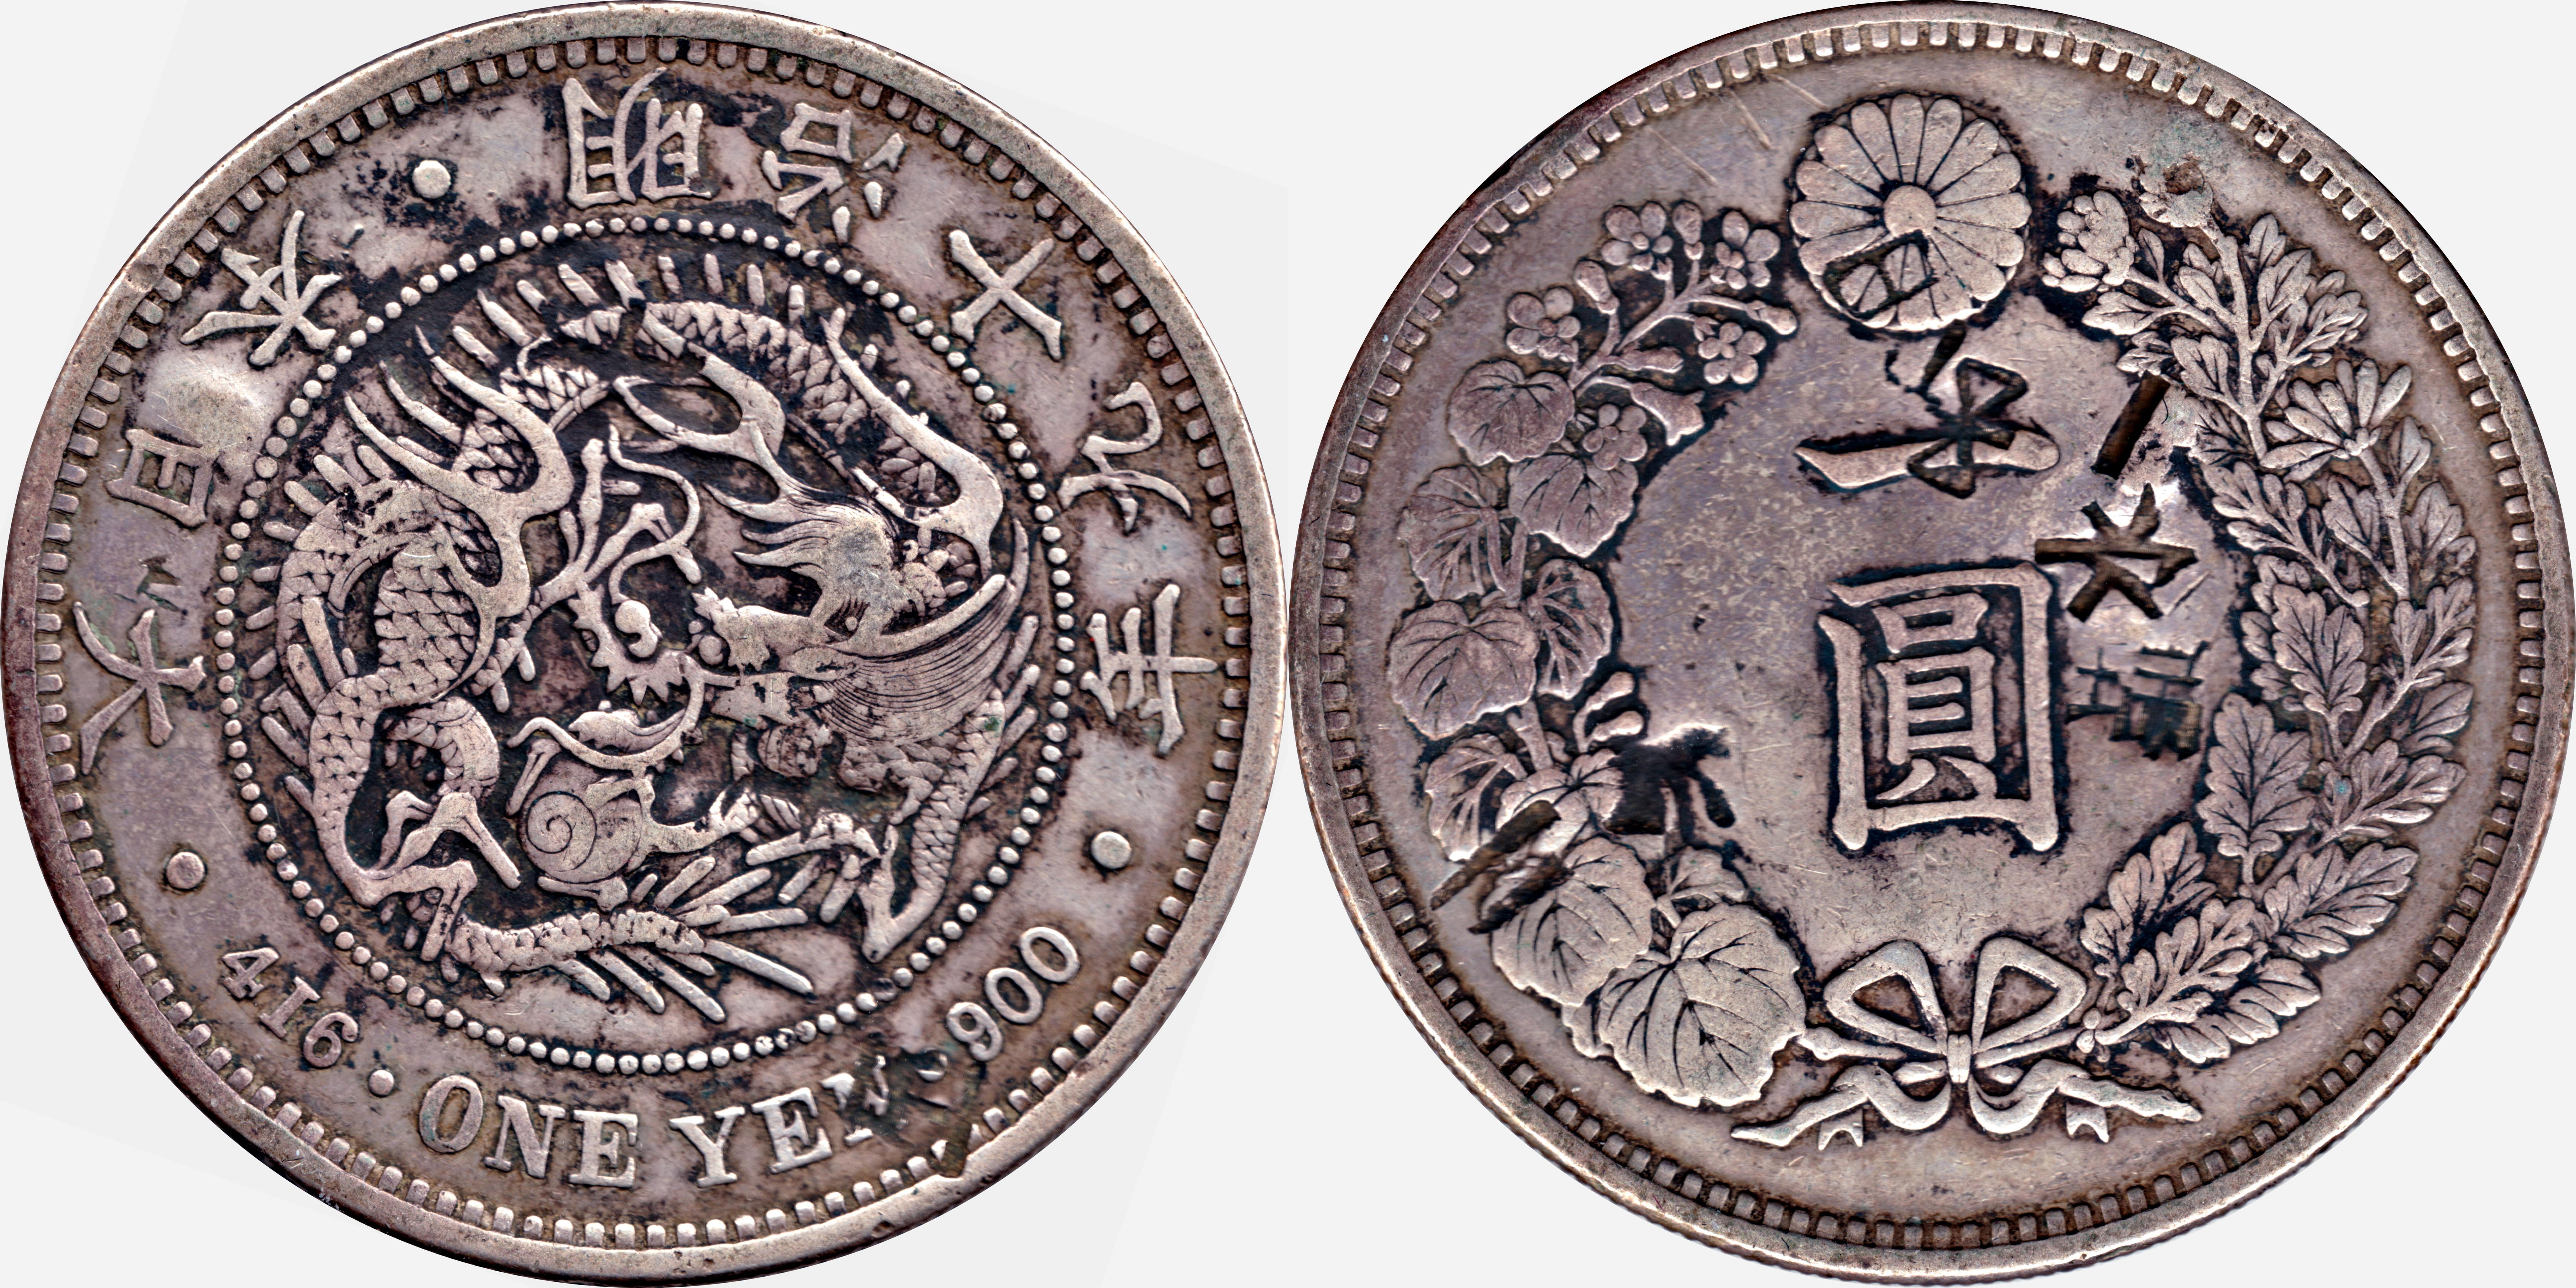 1 Yen - Japón, 1886 con resellos 11468360903_d10cf96b83_o